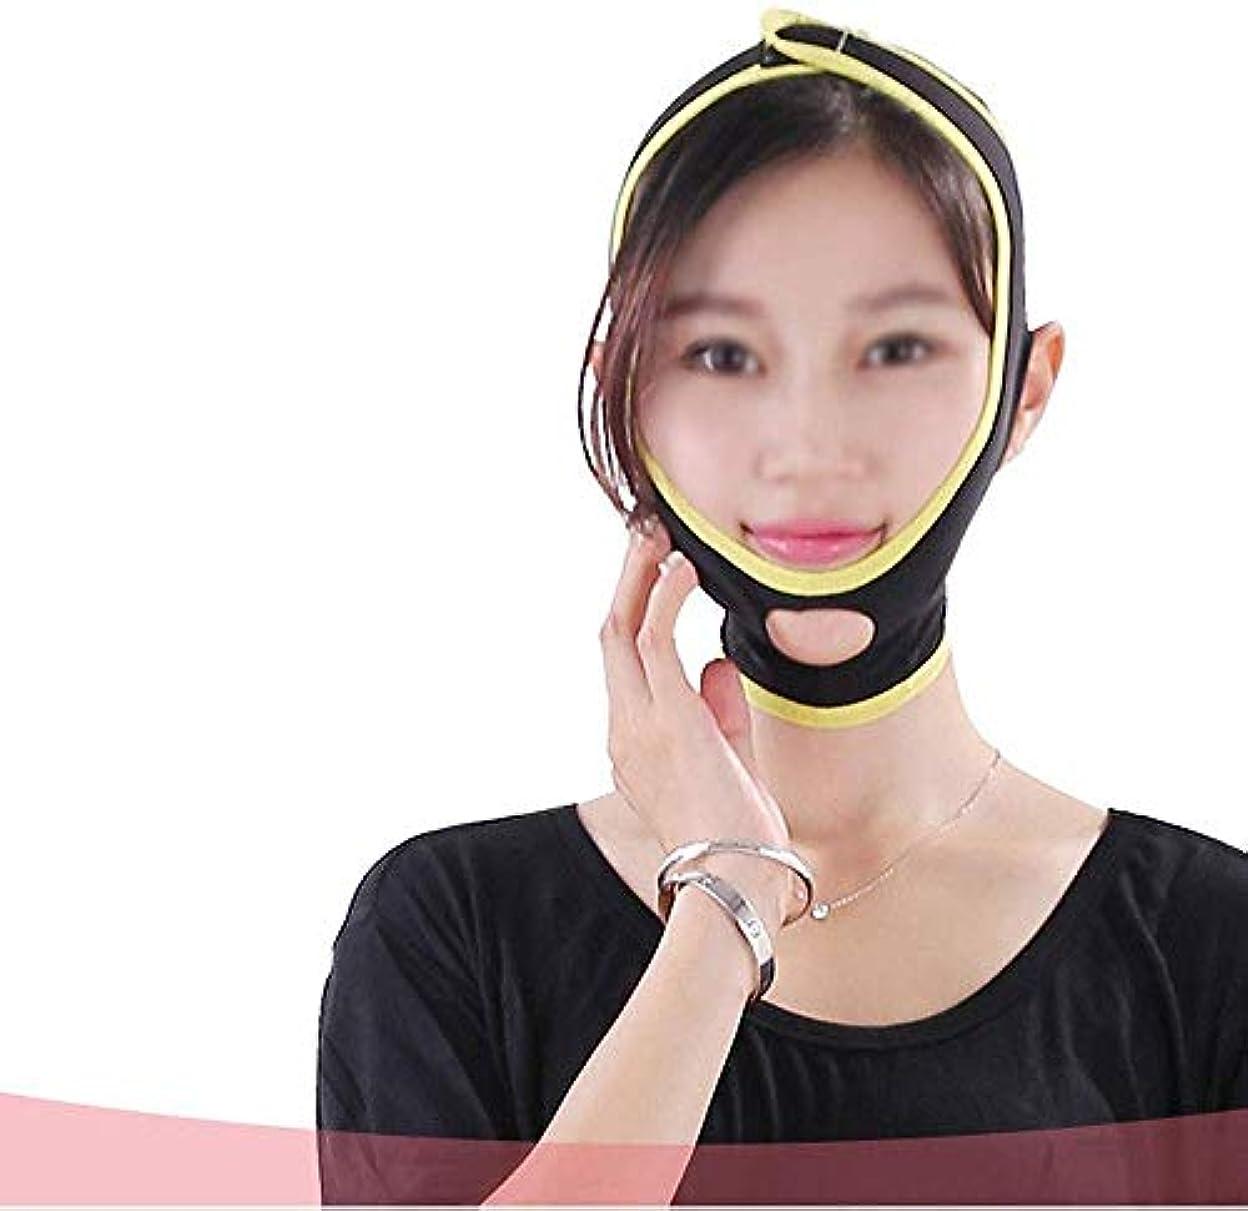 バイパスランチずんぐりしたスリミングVフェイスマスク、薄型フェイスバンデージ、通気性睡眠スモールVフェイスマスクリフト引き締め肌アーティファクトダブルチン顔の減量包帯(サイズ:M)